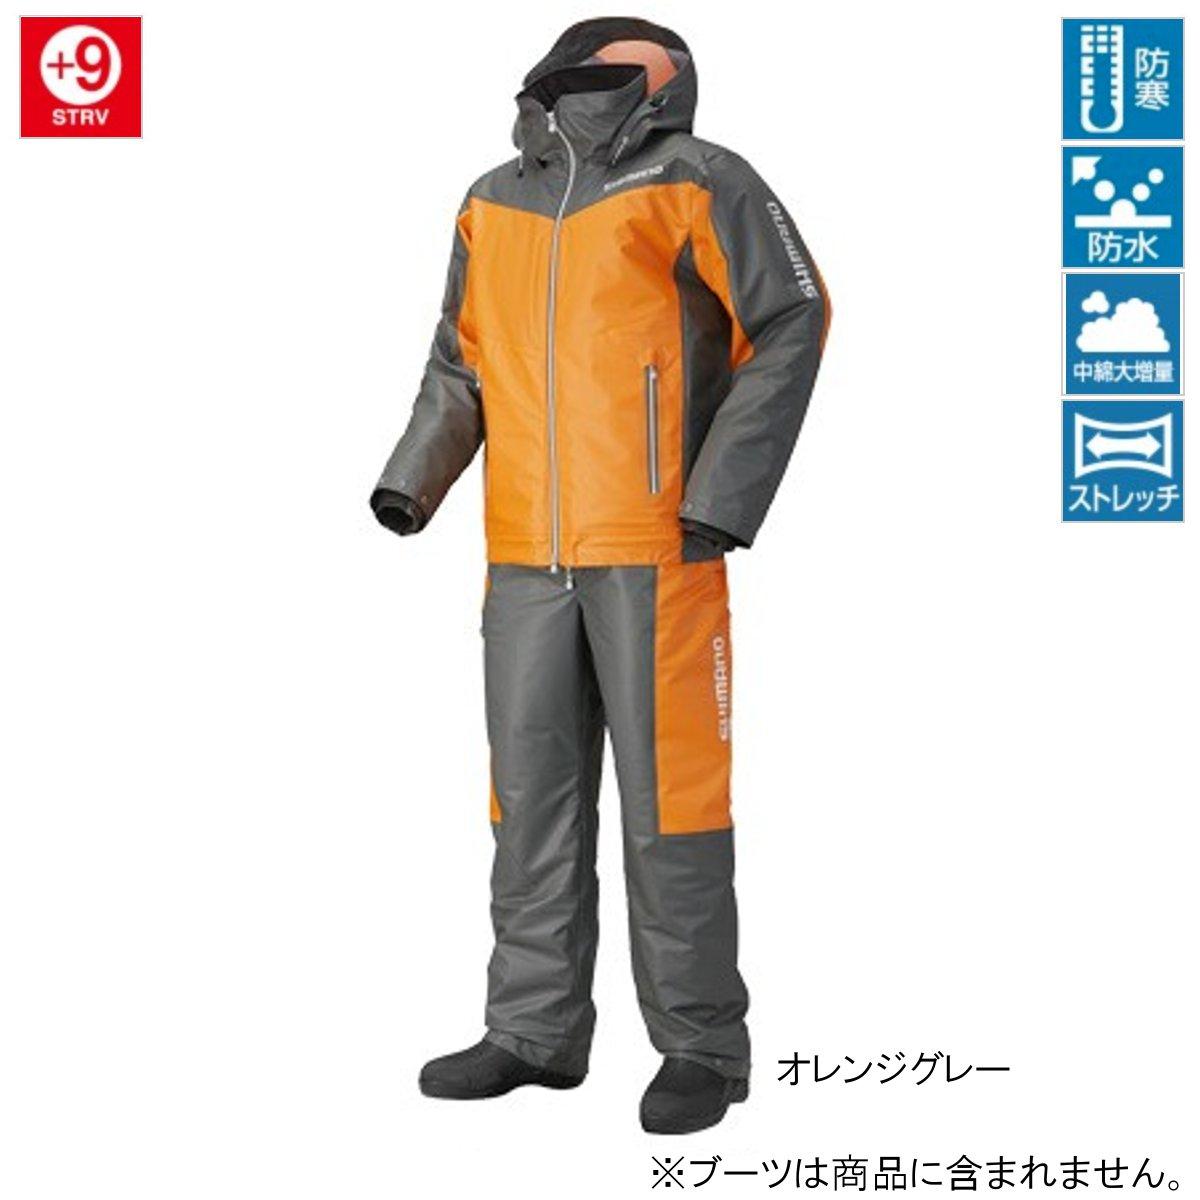 シマノ マリンコールドウェザースーツ EX RB-035N XL オレンジグレー(東日本店)